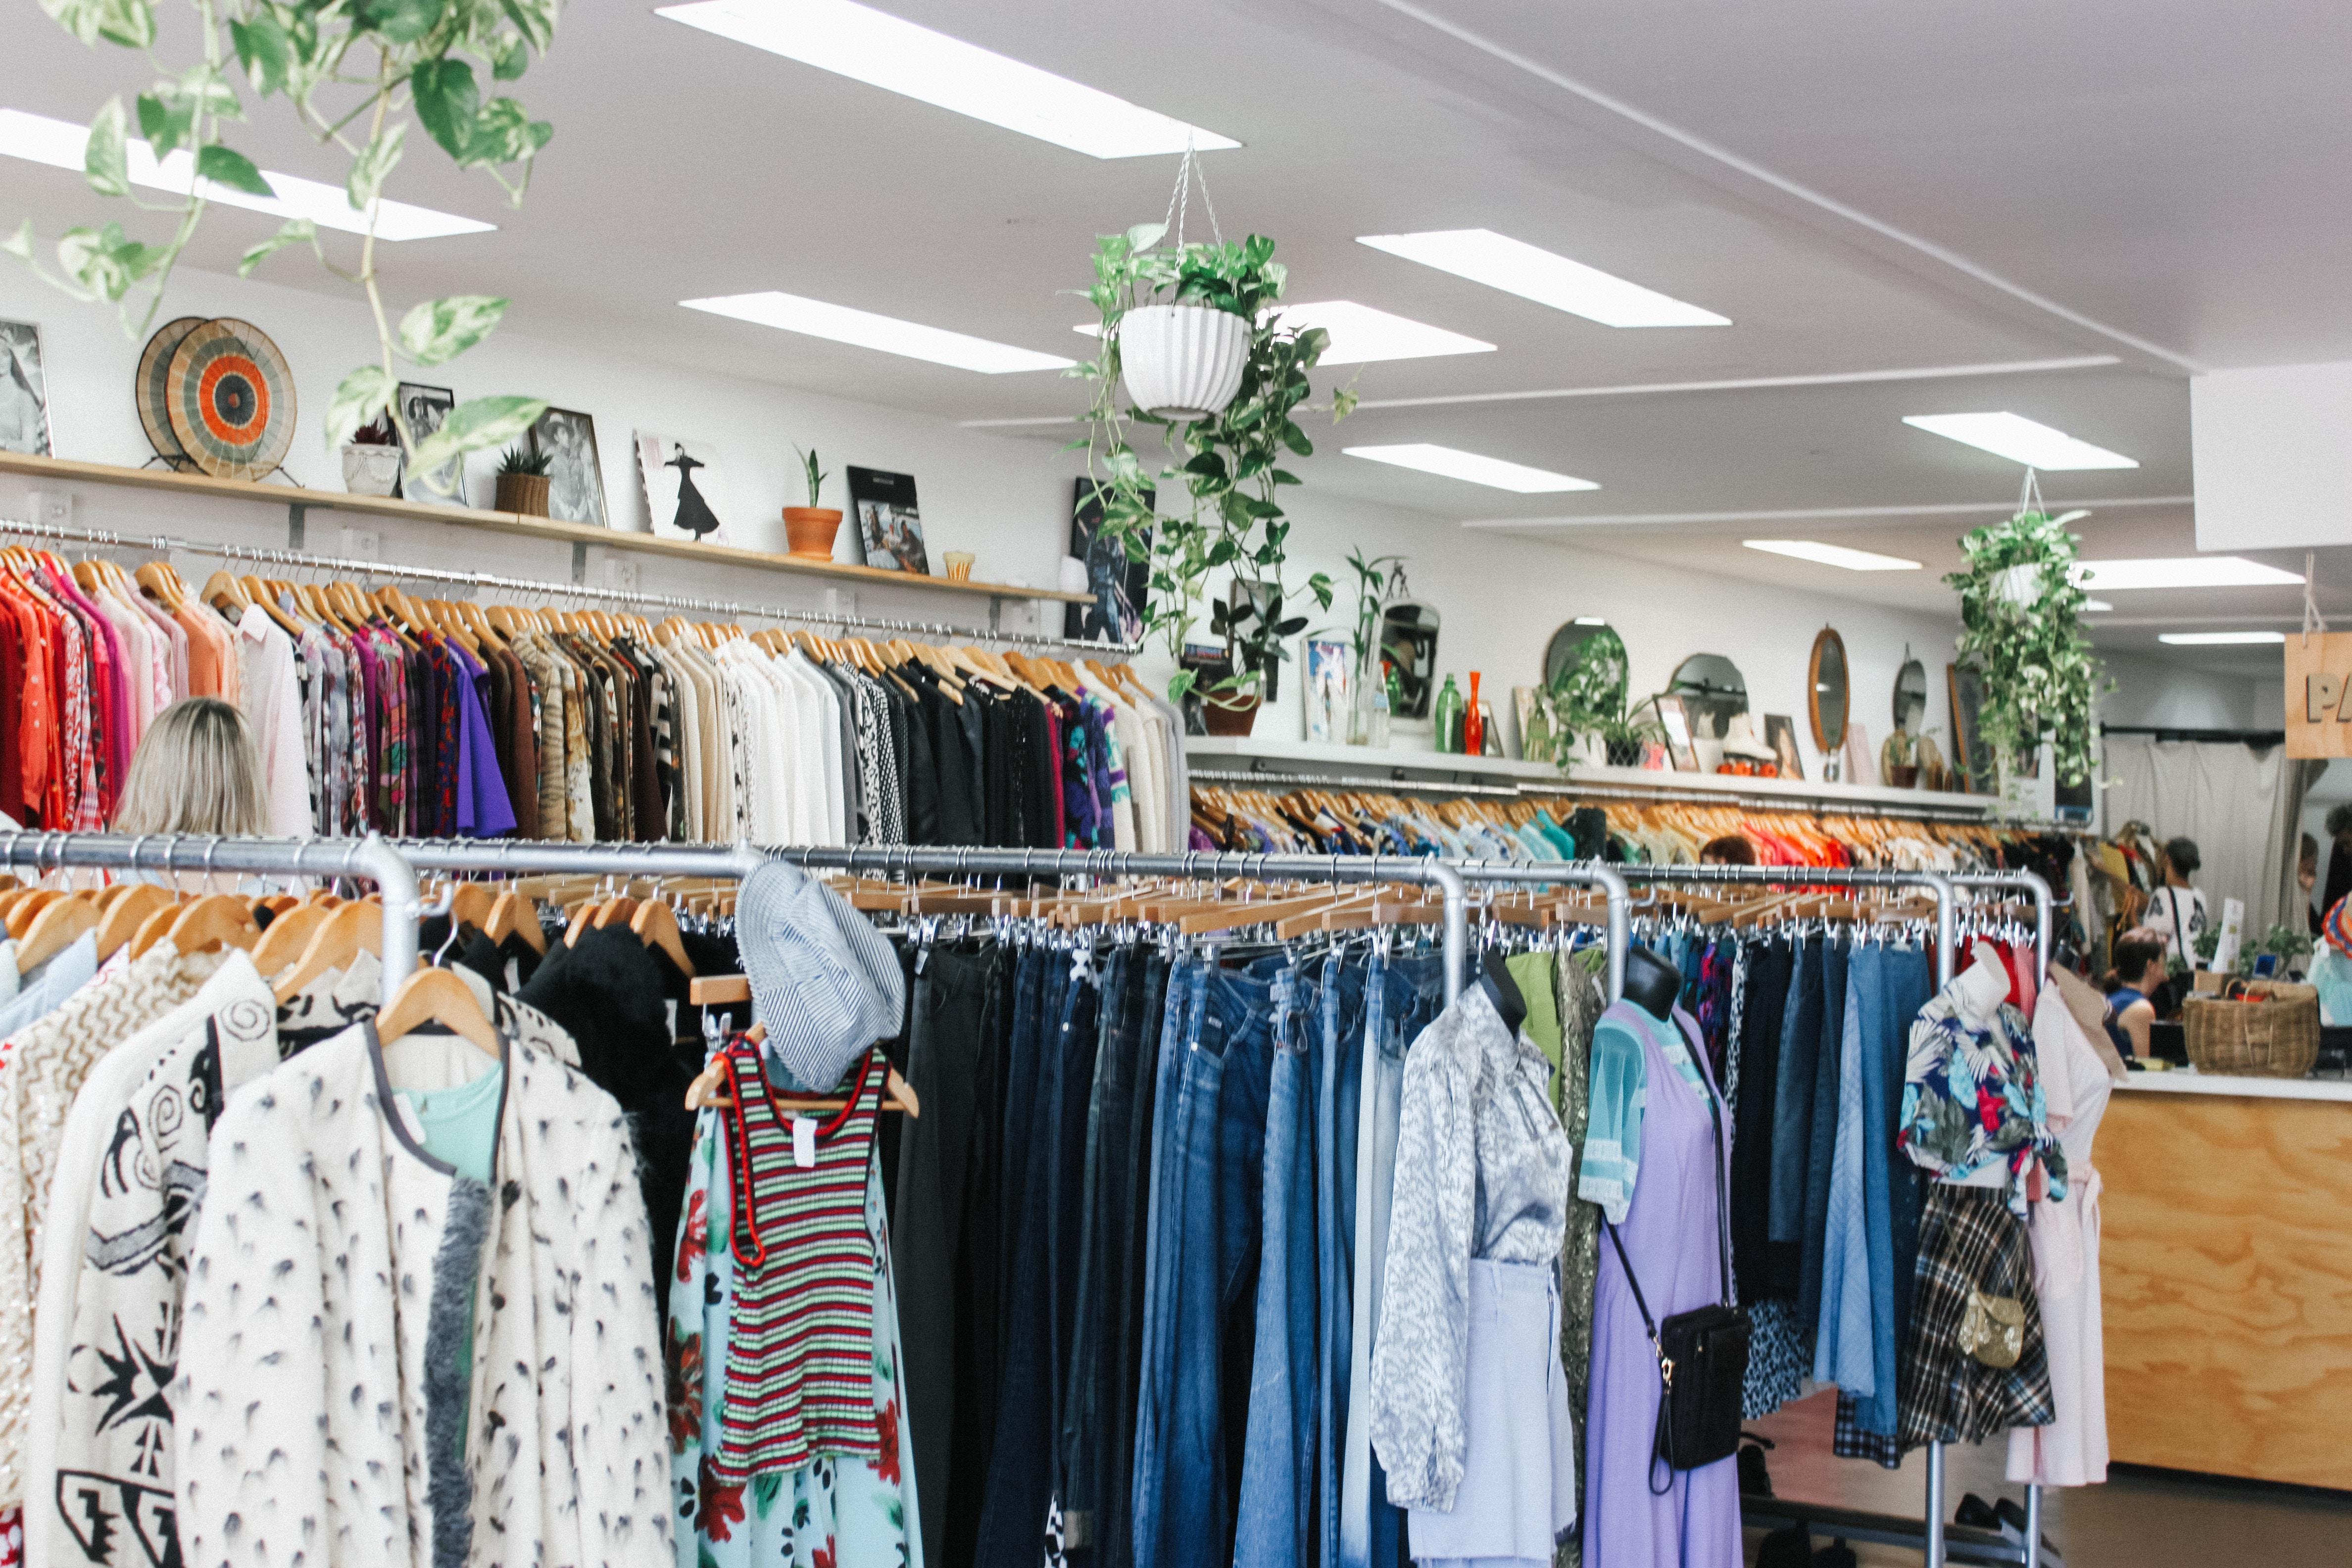 Pemilik Toko Pakaian di Inggris Buka Lowongan Kerja untuk Pencuri